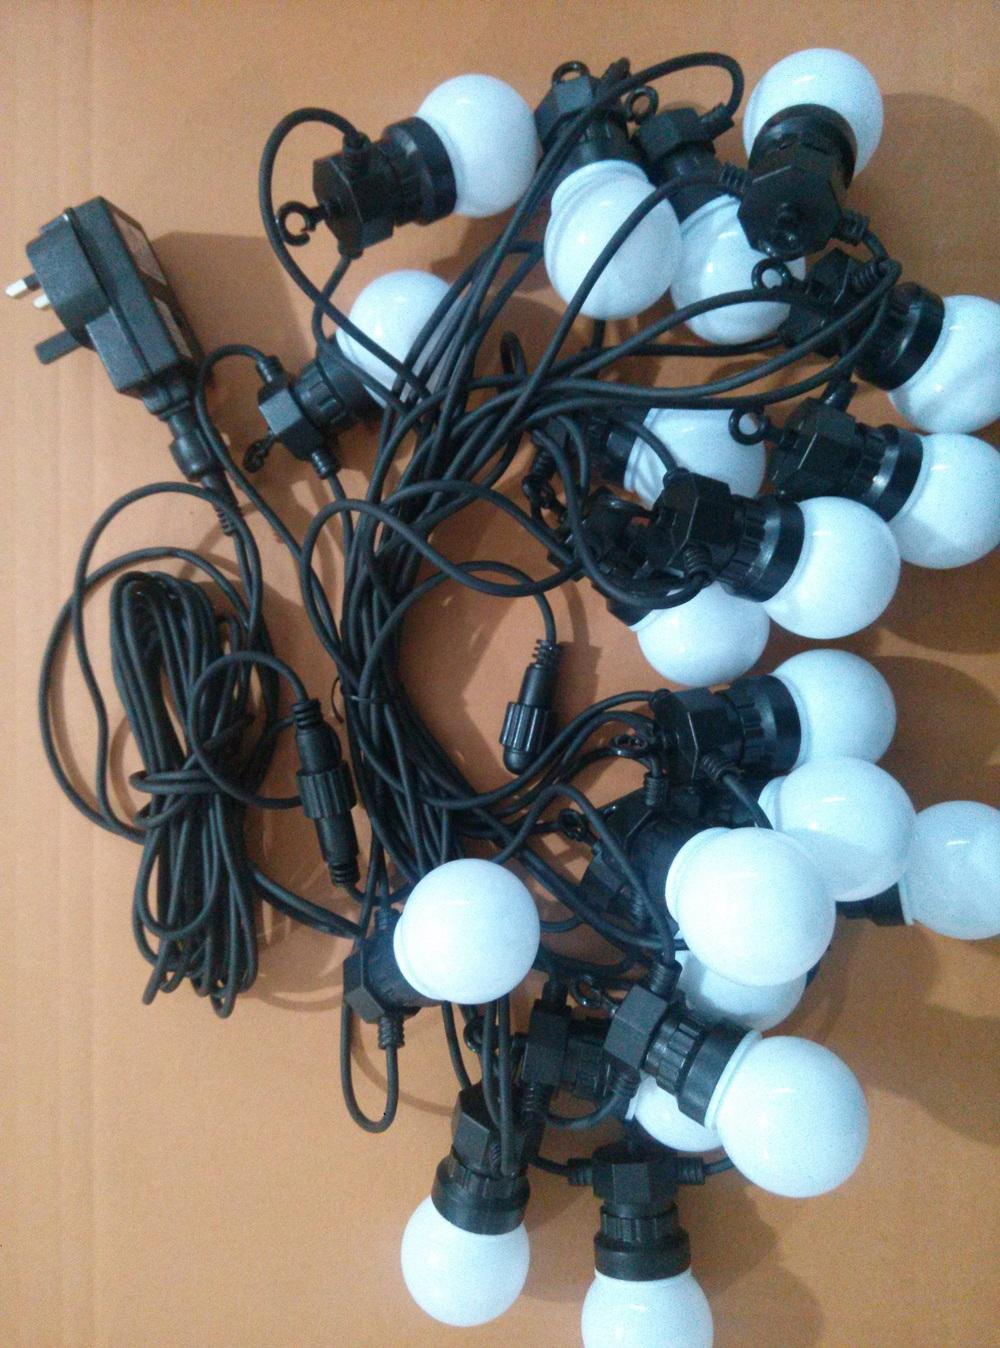 24v led belt light for g50 led bulbs led garland string. Black Bedroom Furniture Sets. Home Design Ideas